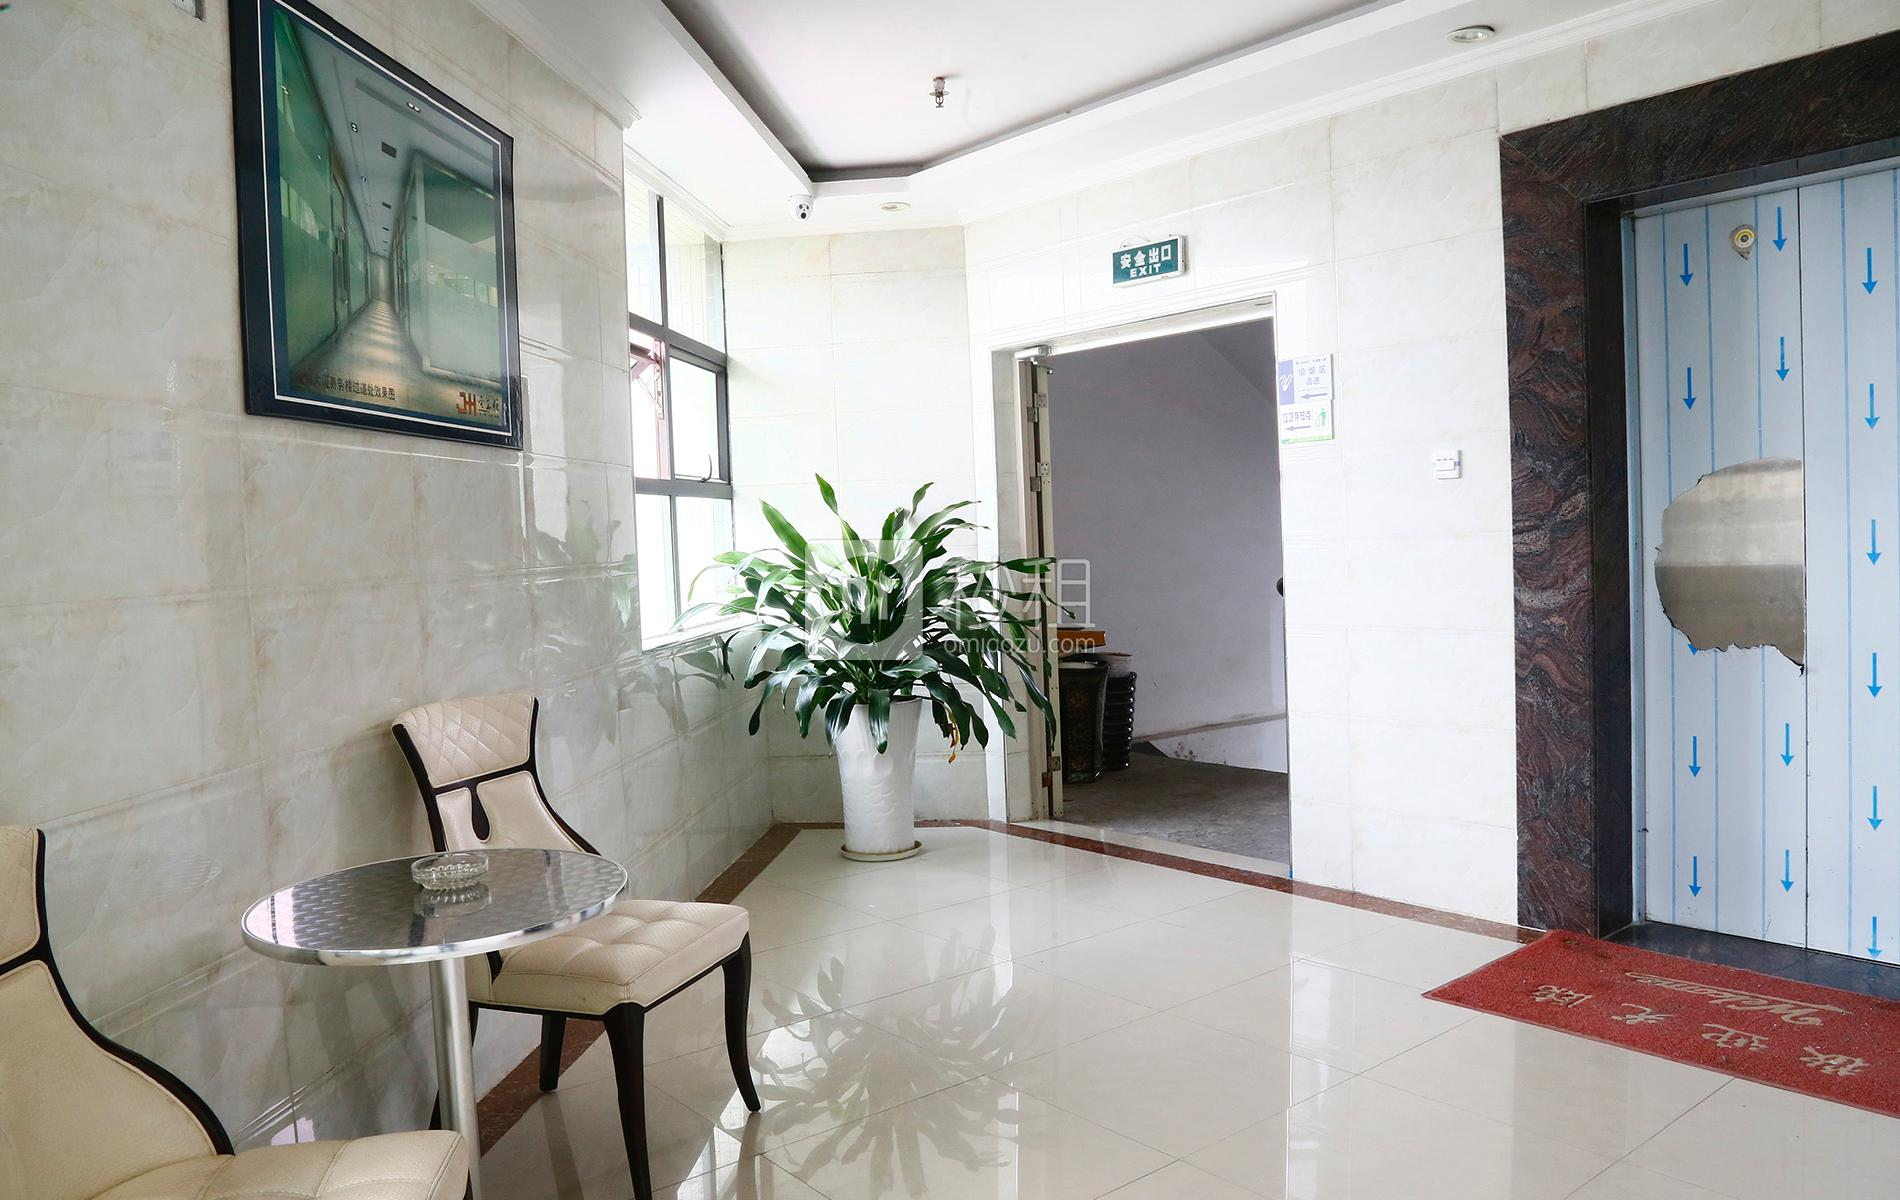 金威大厦(龙华)写字楼出租/招租/租赁,金威大厦(龙华)办公室出租/招租/租赁